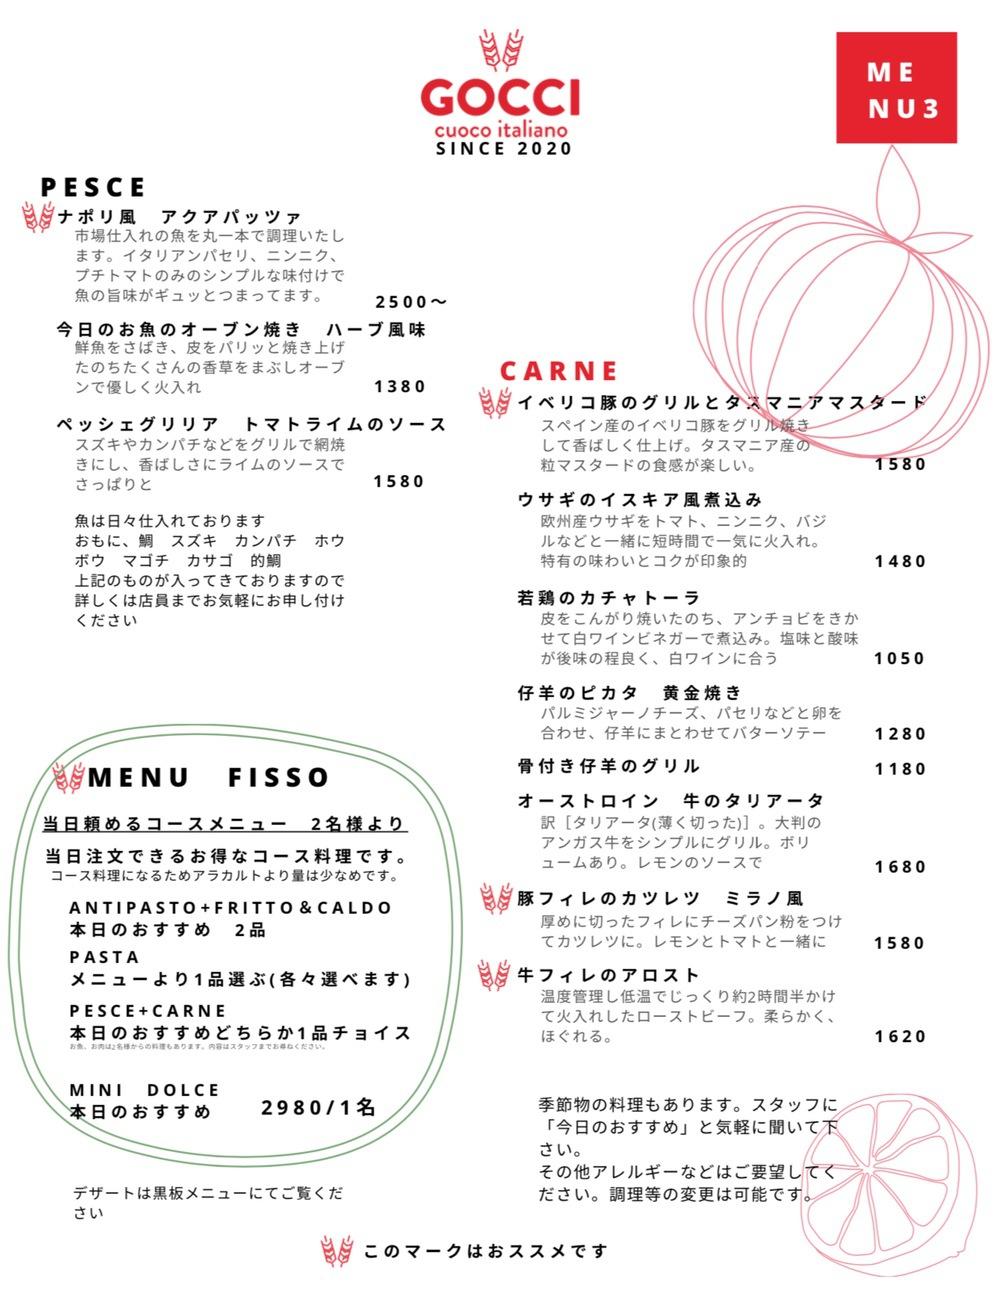 cuoco-italiano-GOCCI グランドメニュー表